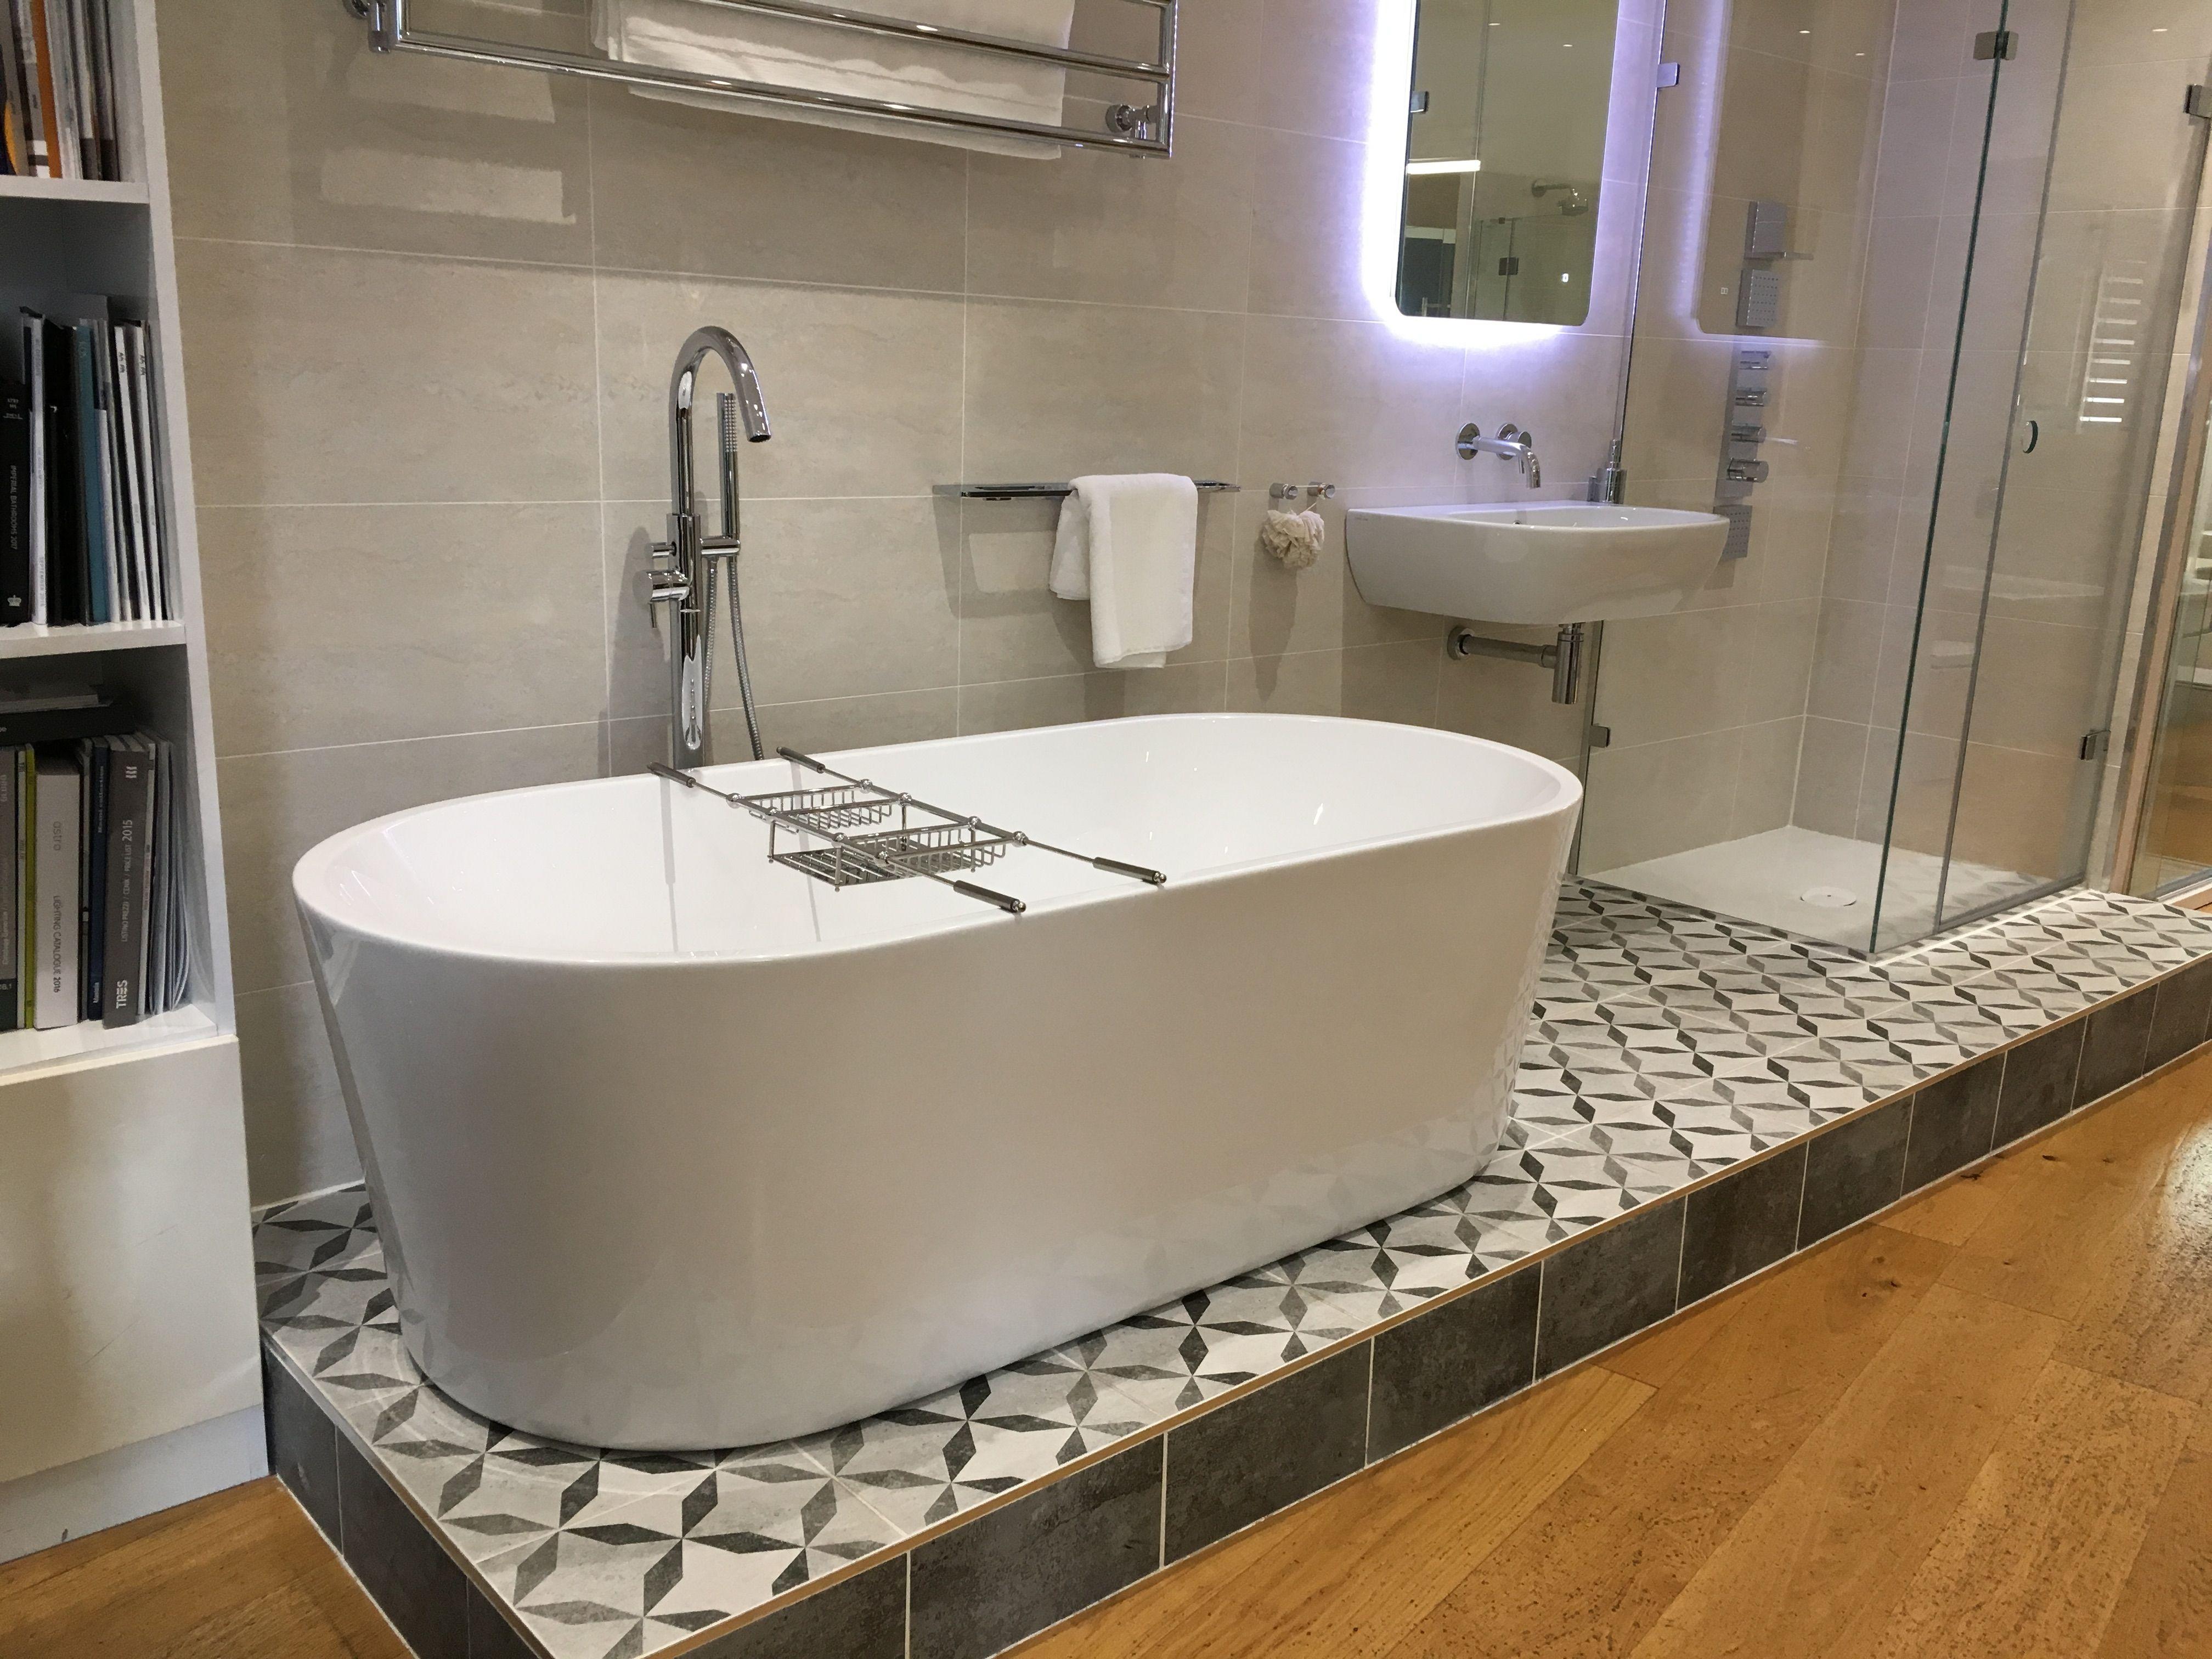 BC Designs Viado bath, £1230, and Crosswater \